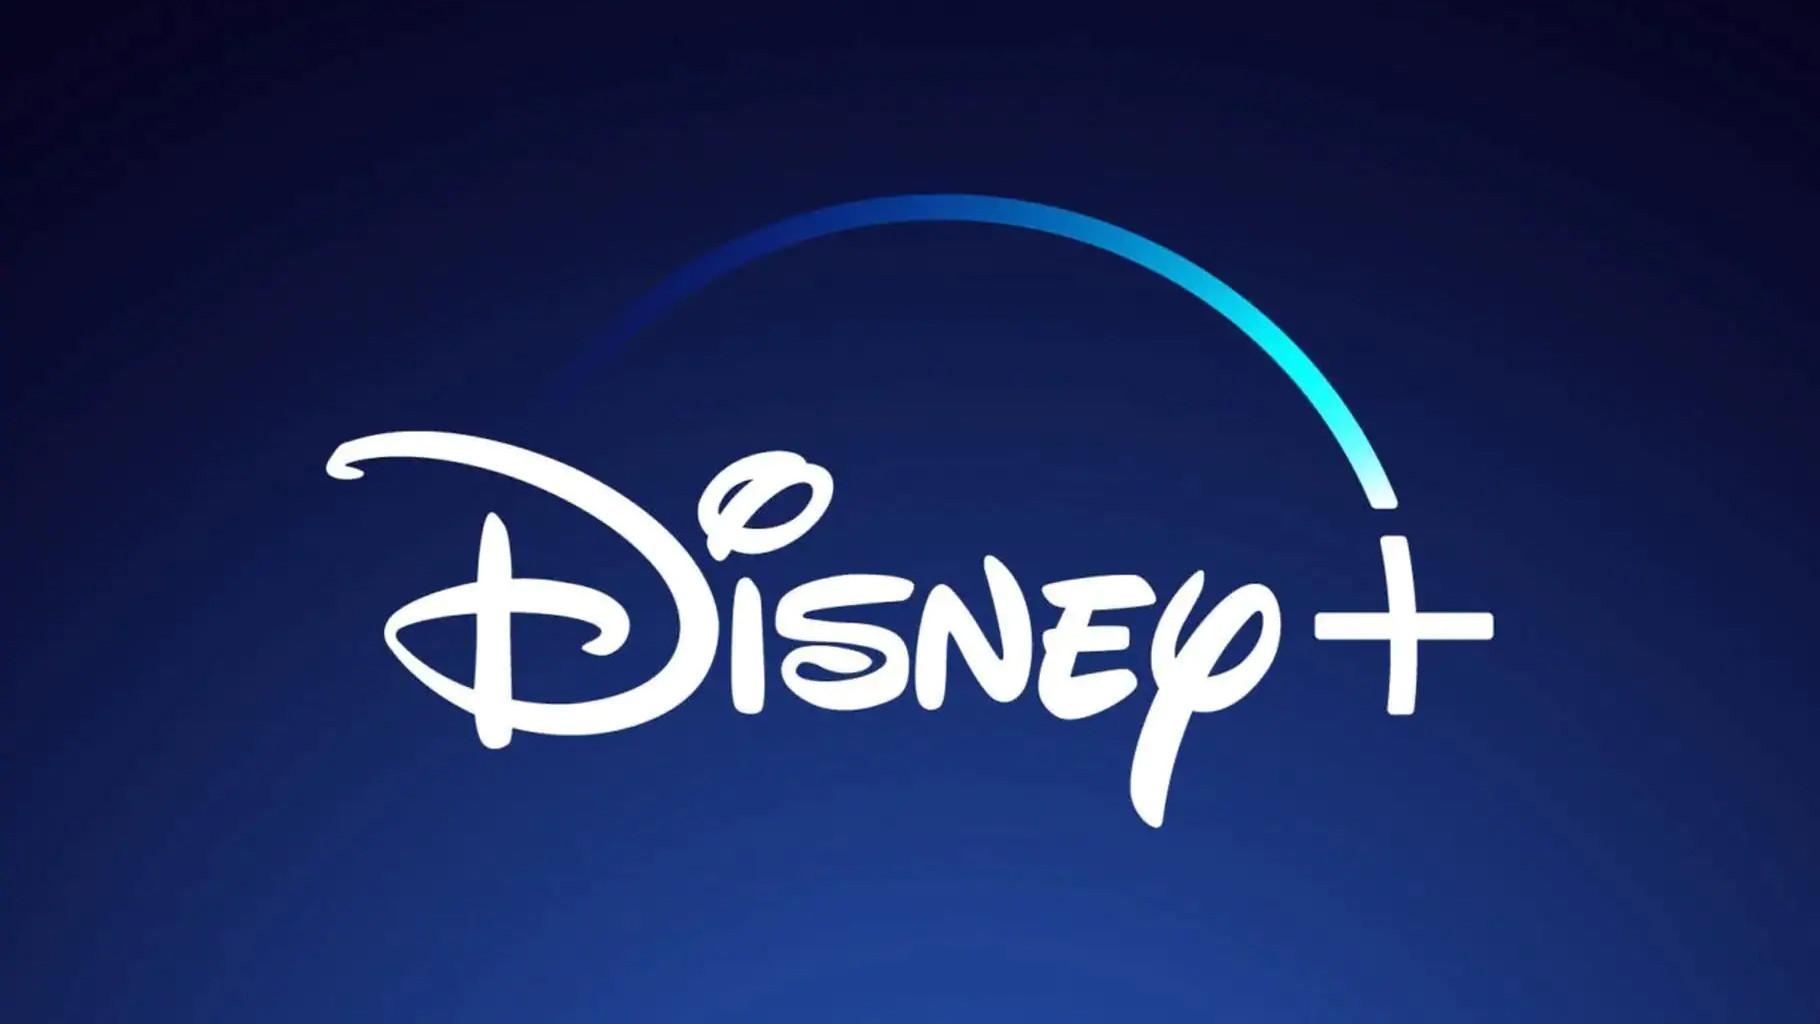 Disney Plus Probe